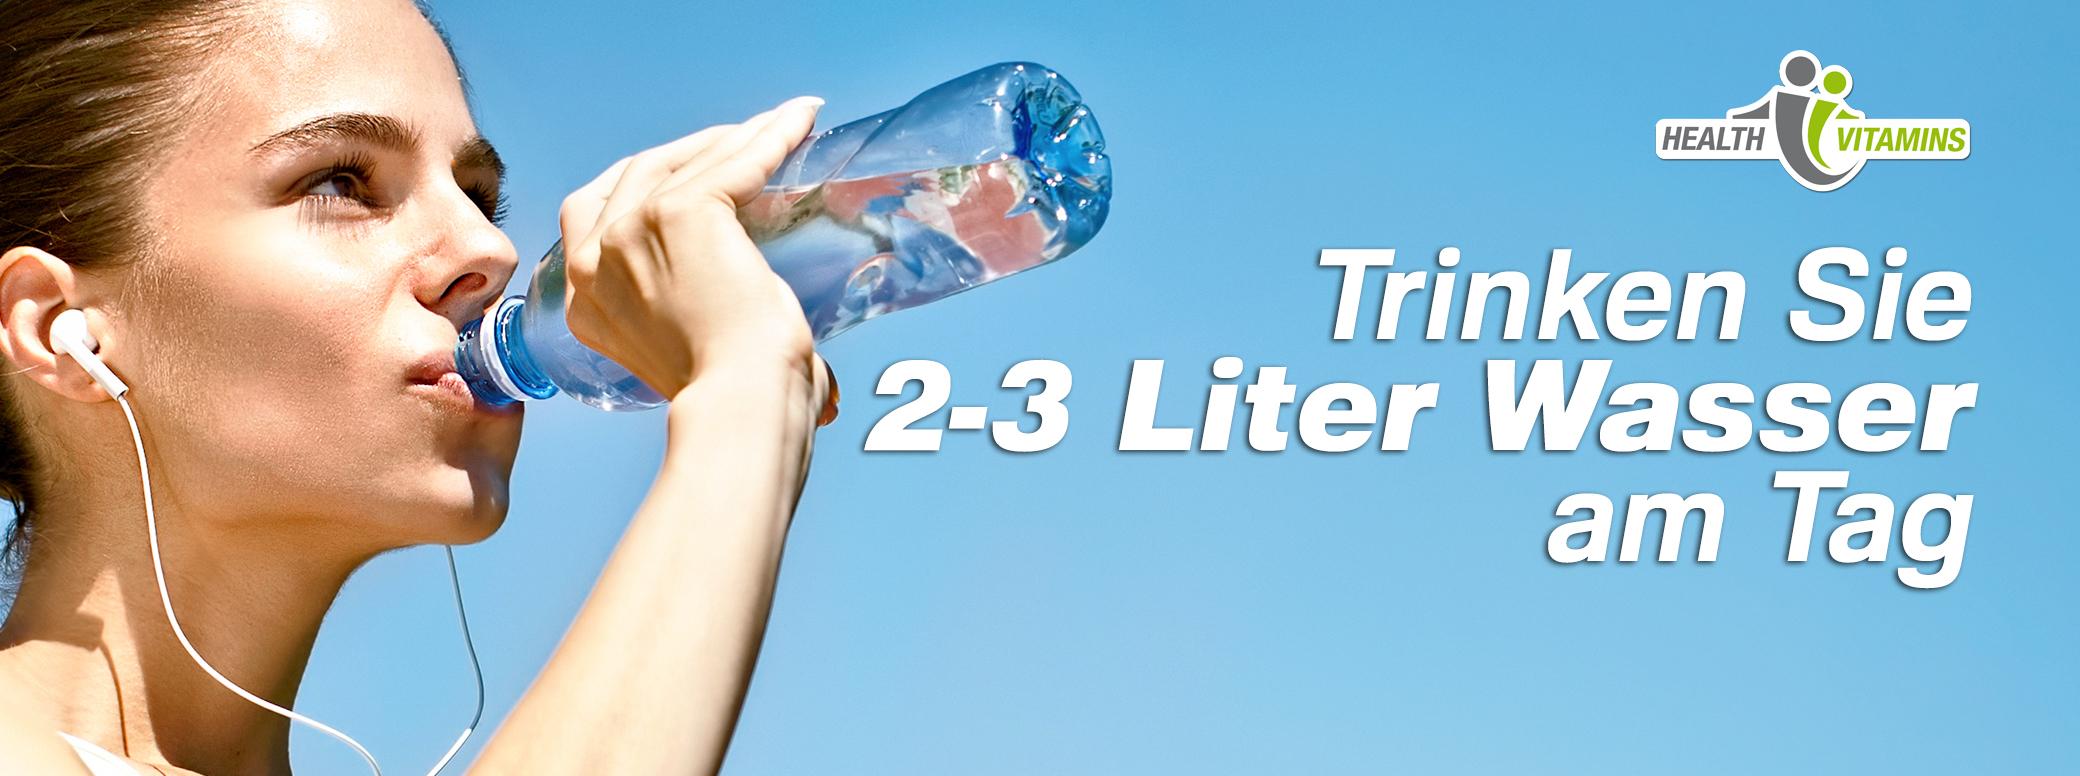 Trinken Sie zu wenig? - Untergewicht - Zunehmen Blog..